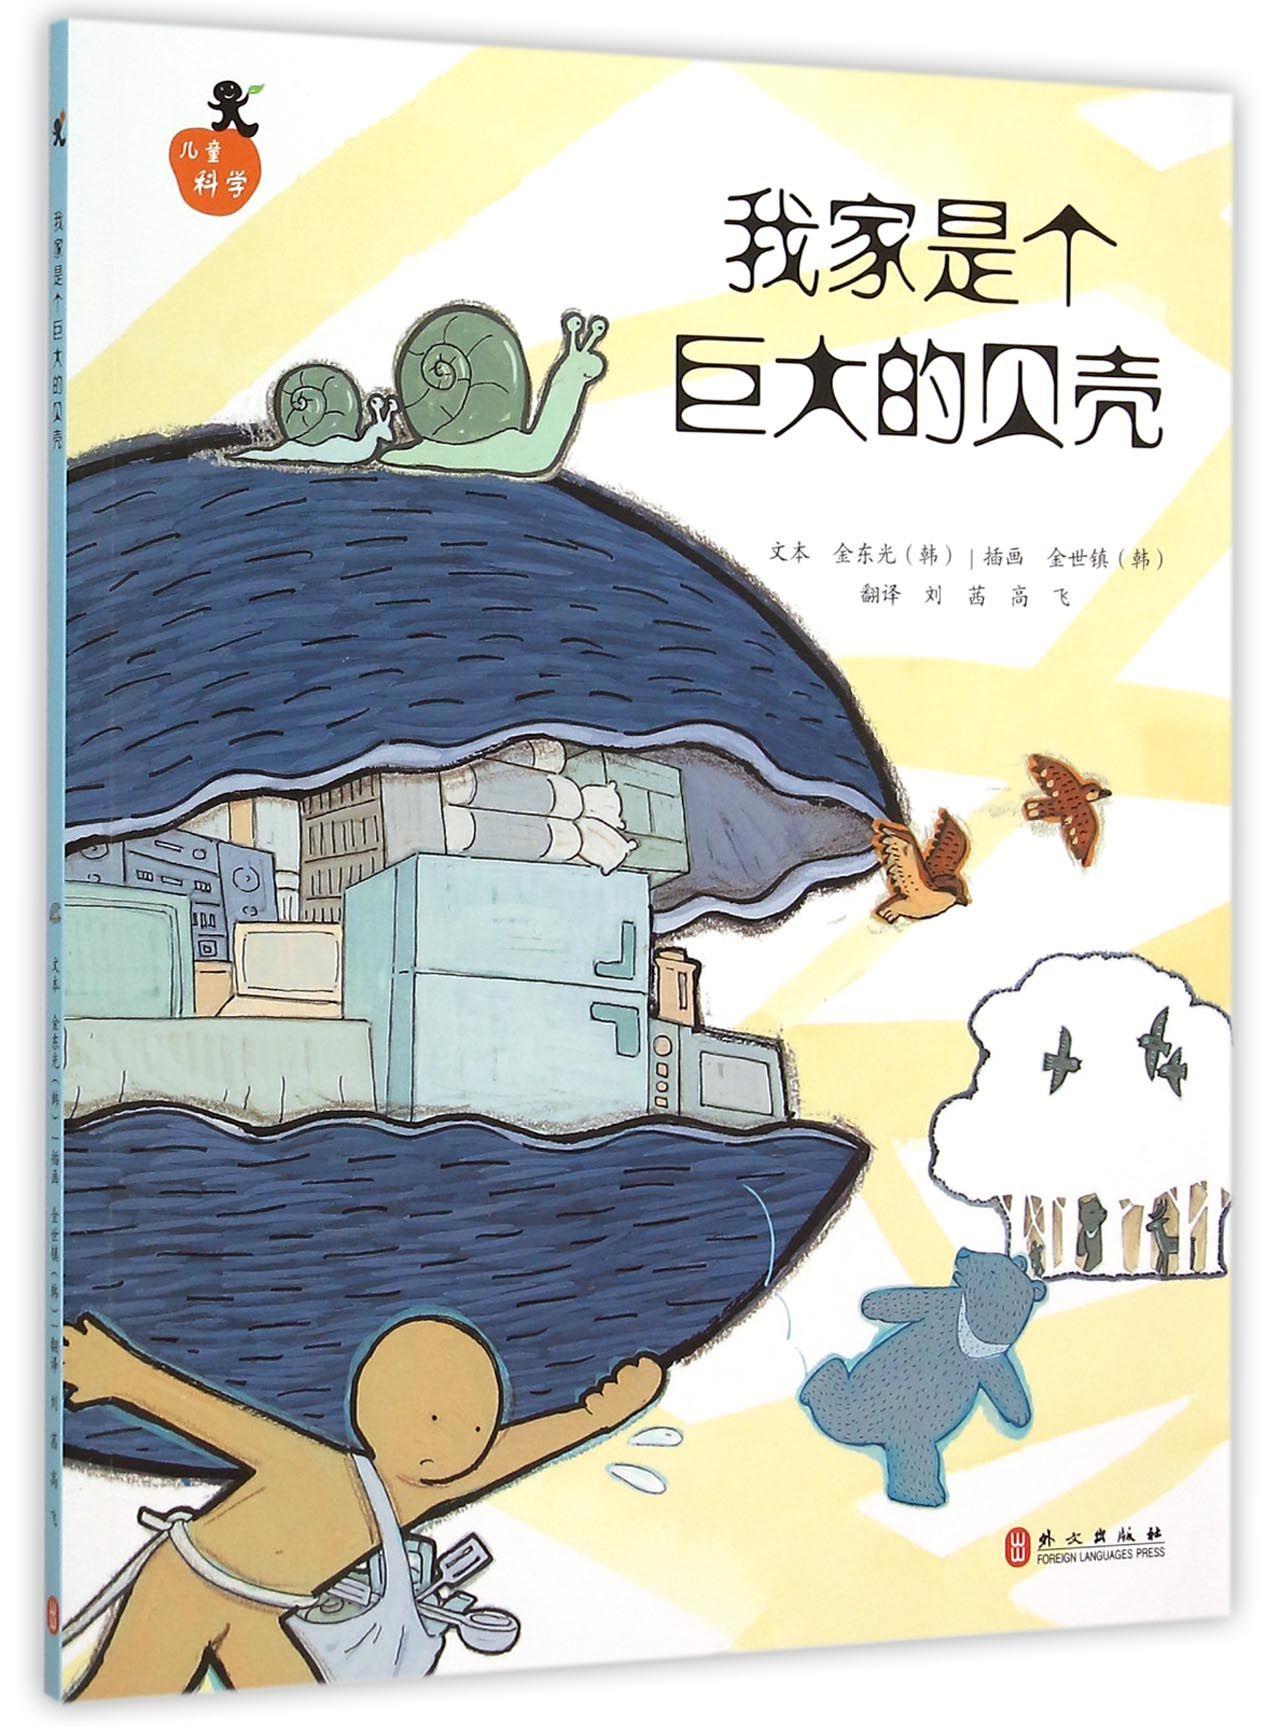 美丽的西沙群岛(1南海有飞鱼)/刘先平大自然文学画